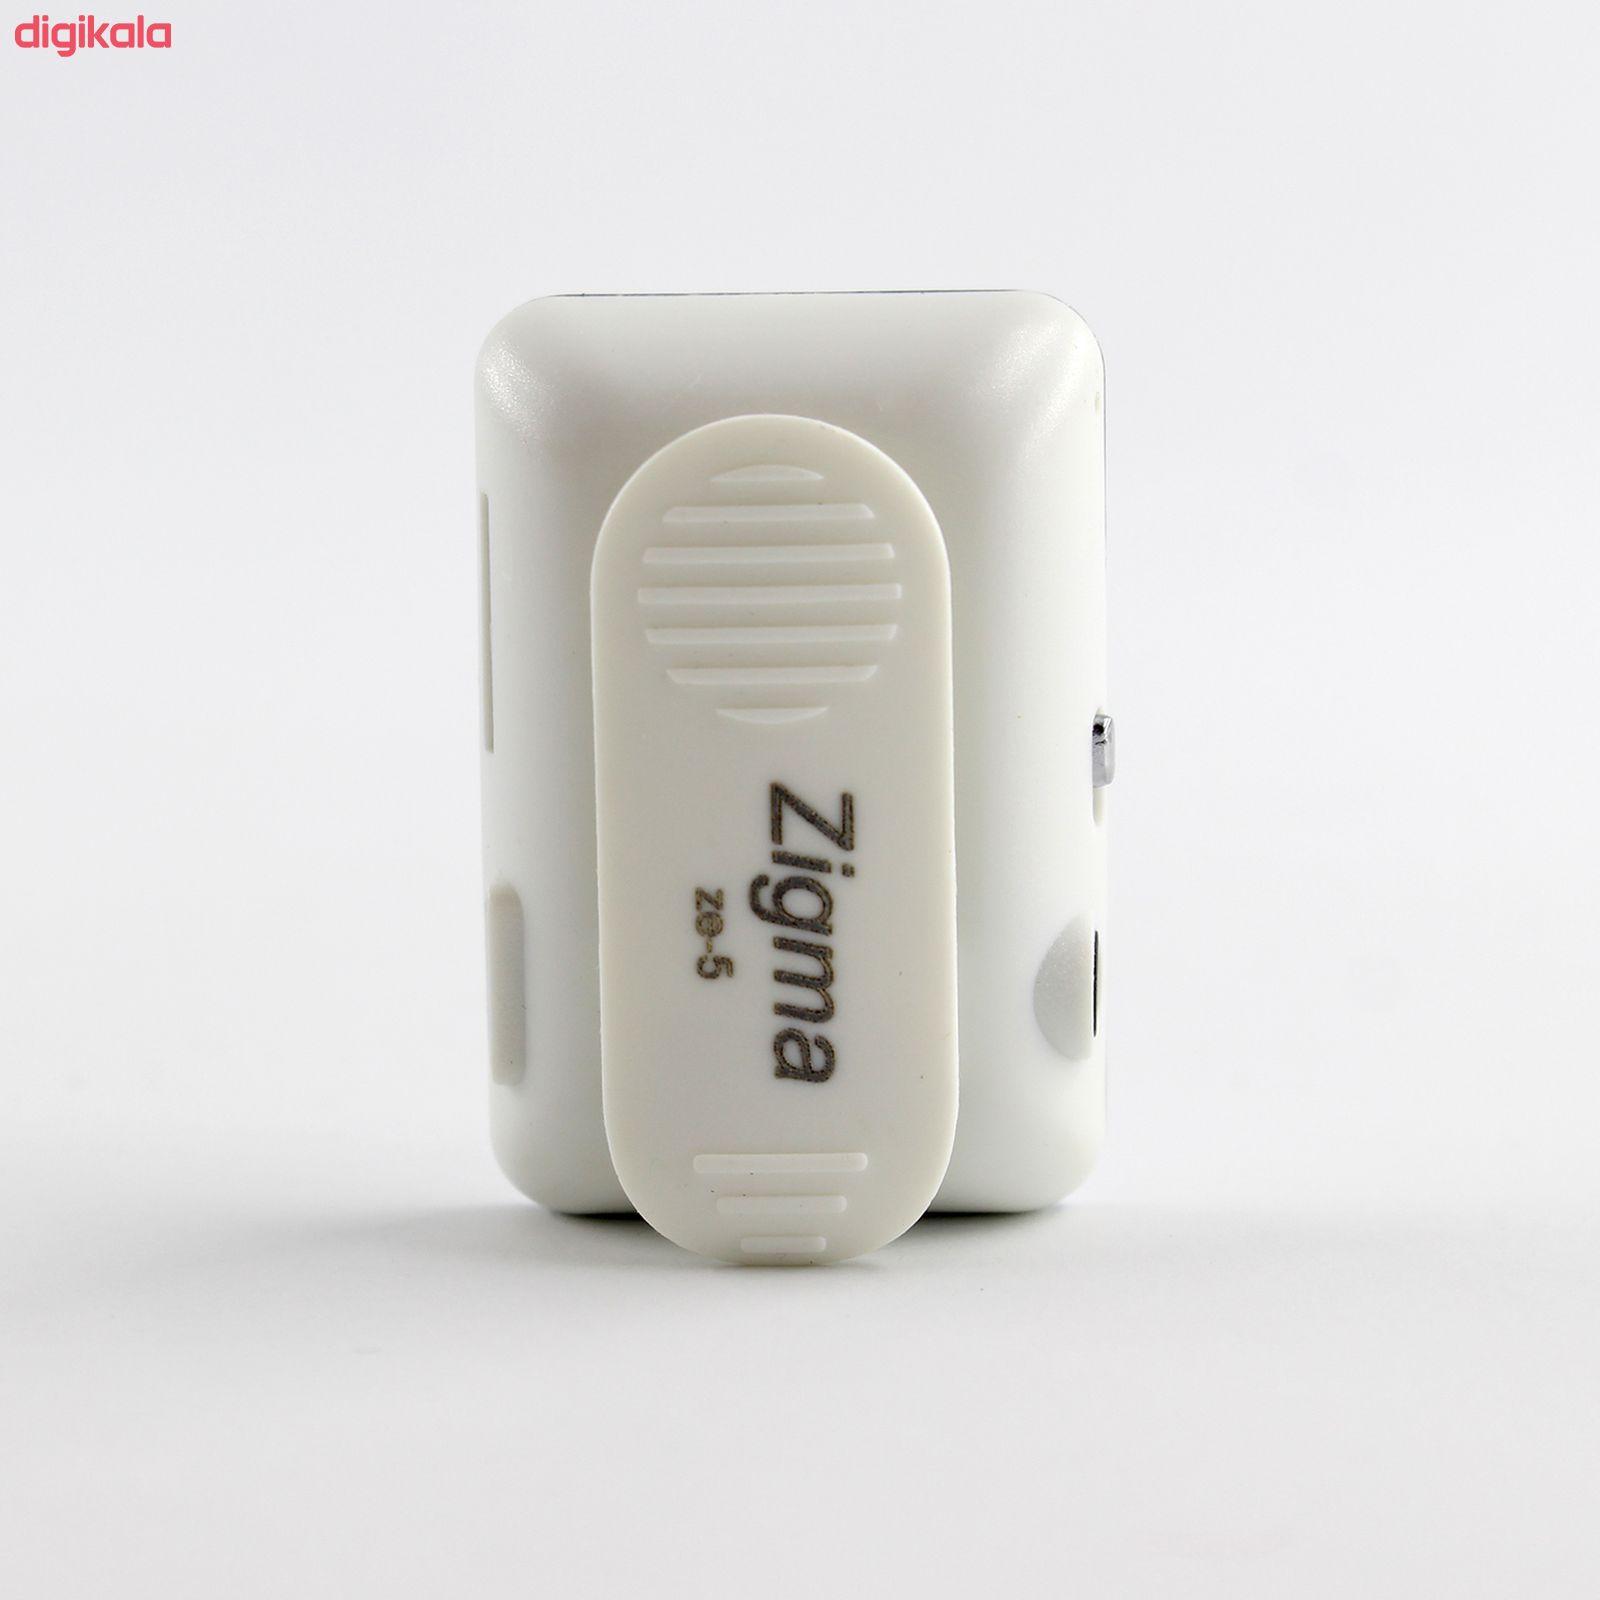 پخش کننده موسیقی زیگما مدل ZE-5S - ظرفیت 8 گیگابایت main 1 6